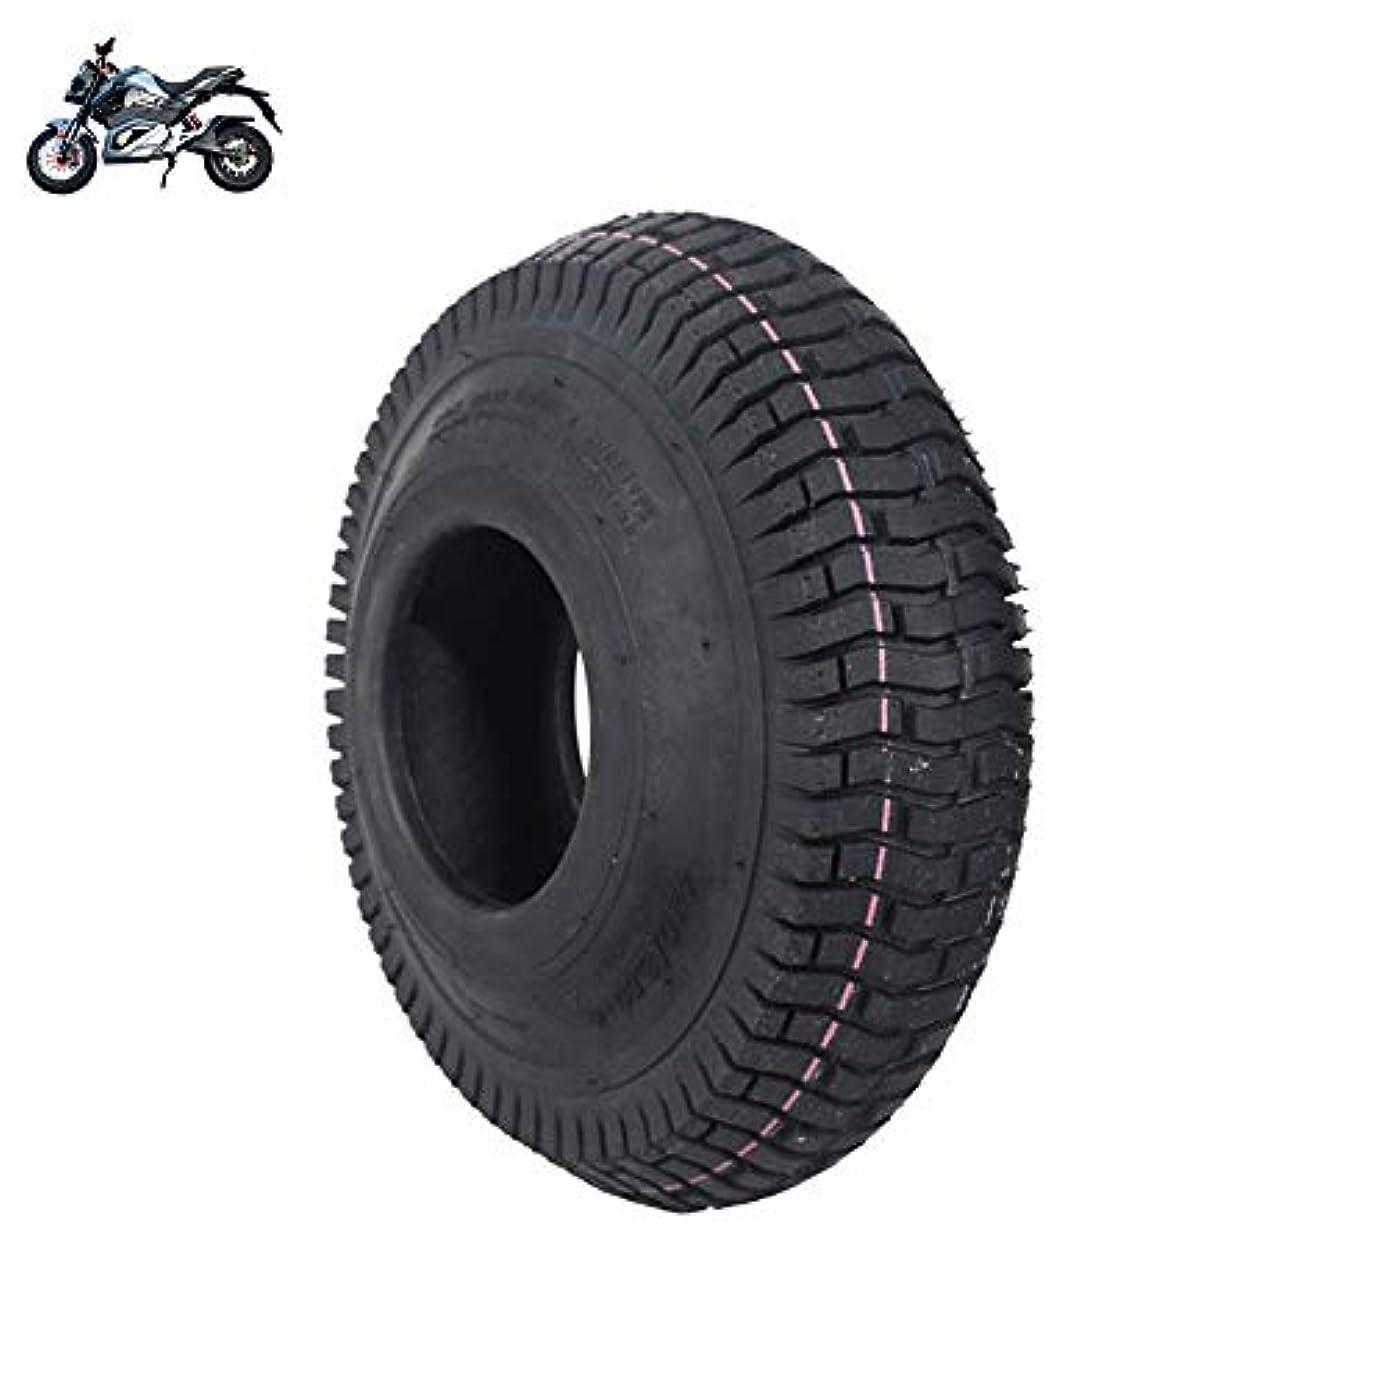 のスコアライラック長椅子タイヤ、電動スクータータイヤ、4.10 / 3.50-4ノンスリップインナーおよびアウタータイヤ、耐摩耗性および耐パンク性、ヘビーデューティー、電動トロリータイヤに最適